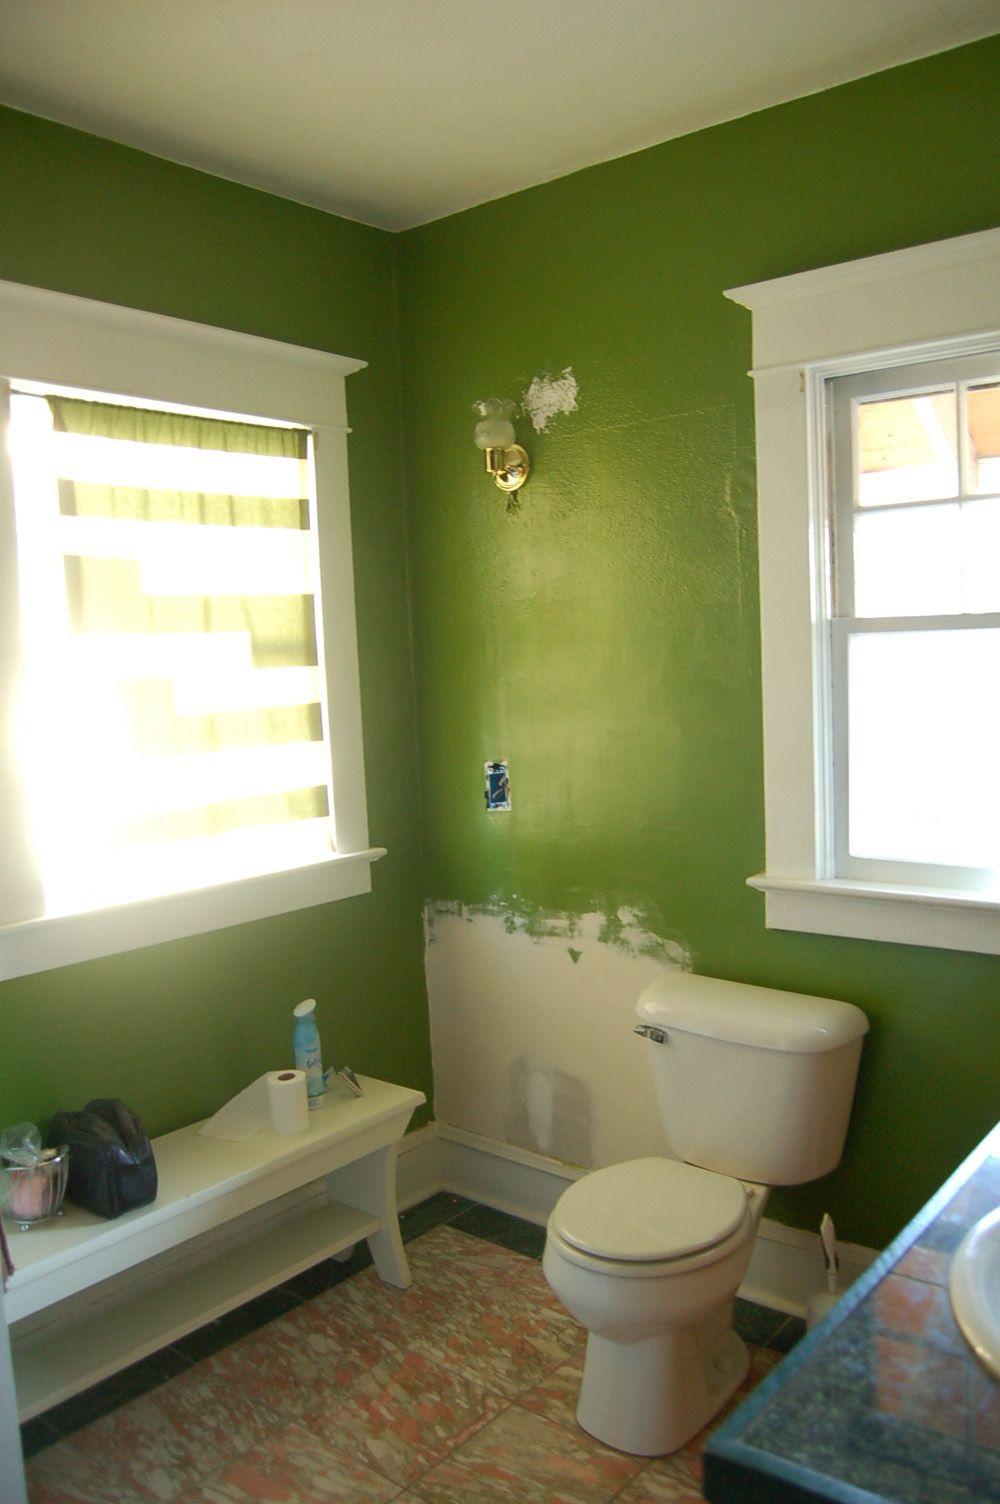 Ninja Turtle Bathroom Layout Httpwwwhouseinteriordecorcom - Turtle bathroom decor for small bathroom ideas